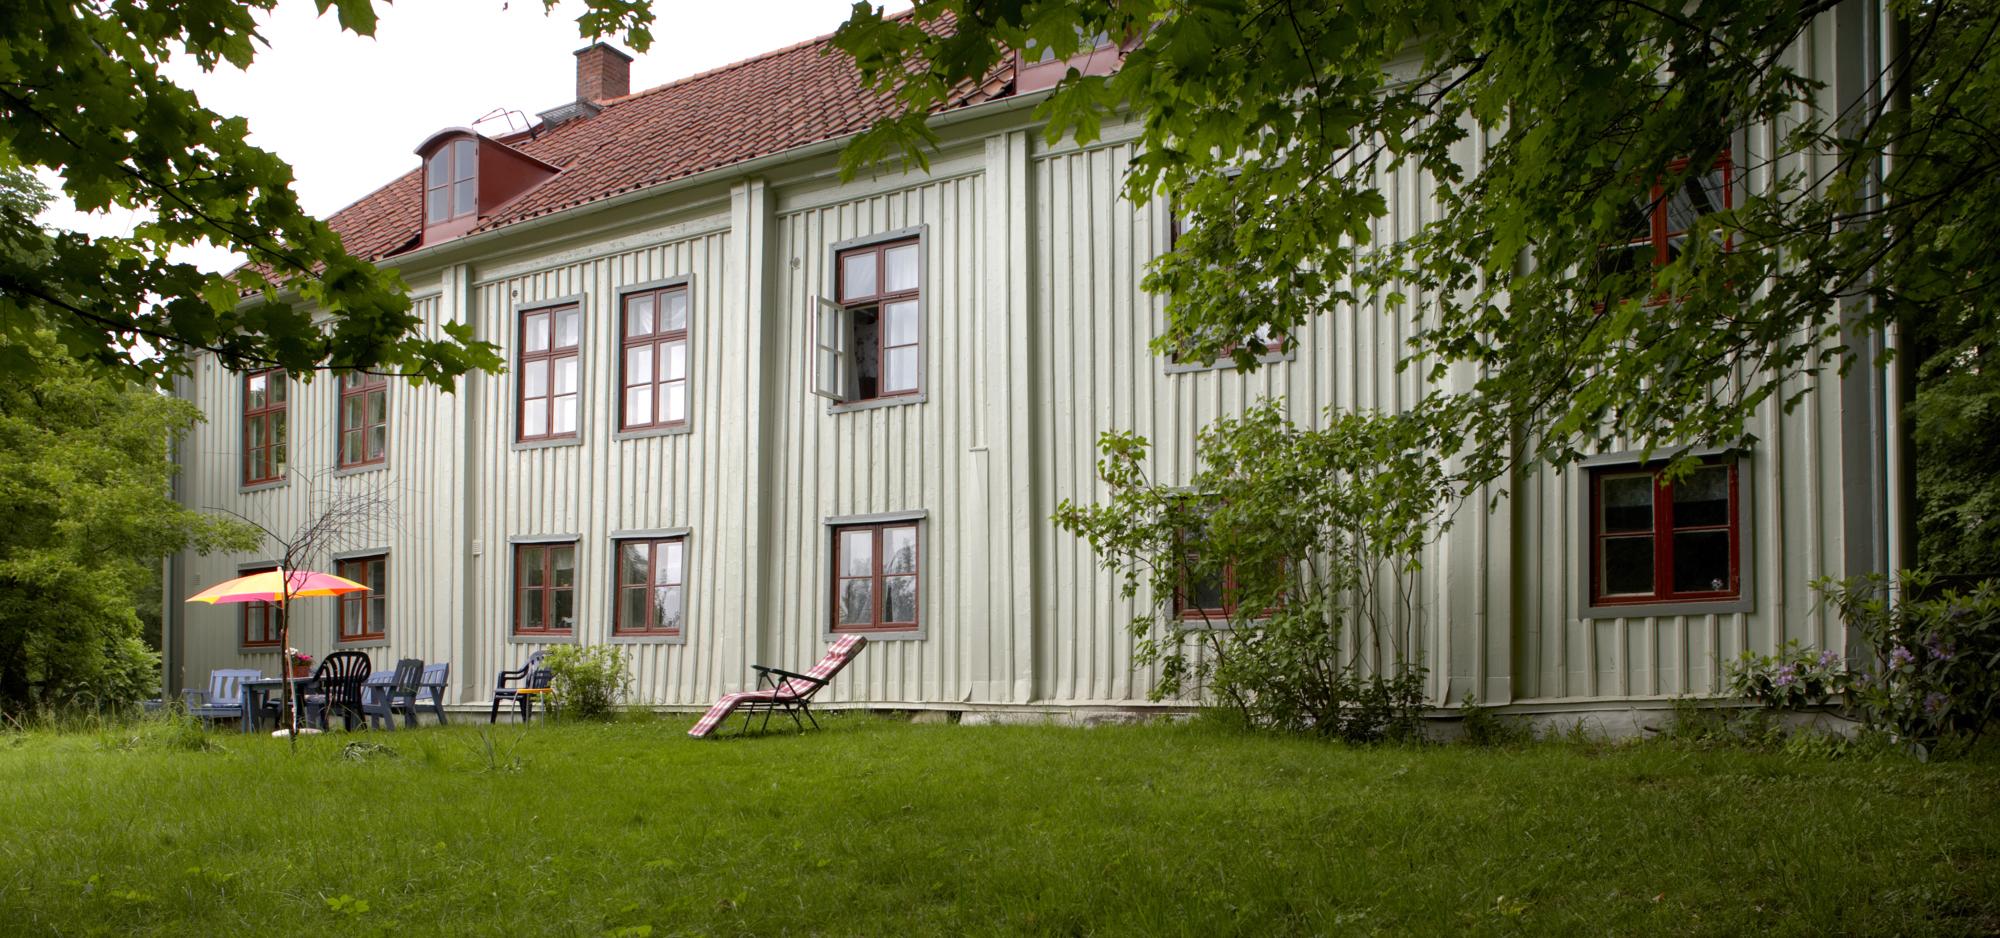 Skårs Gårds grönskande baksida med trädgårdsmöbler.